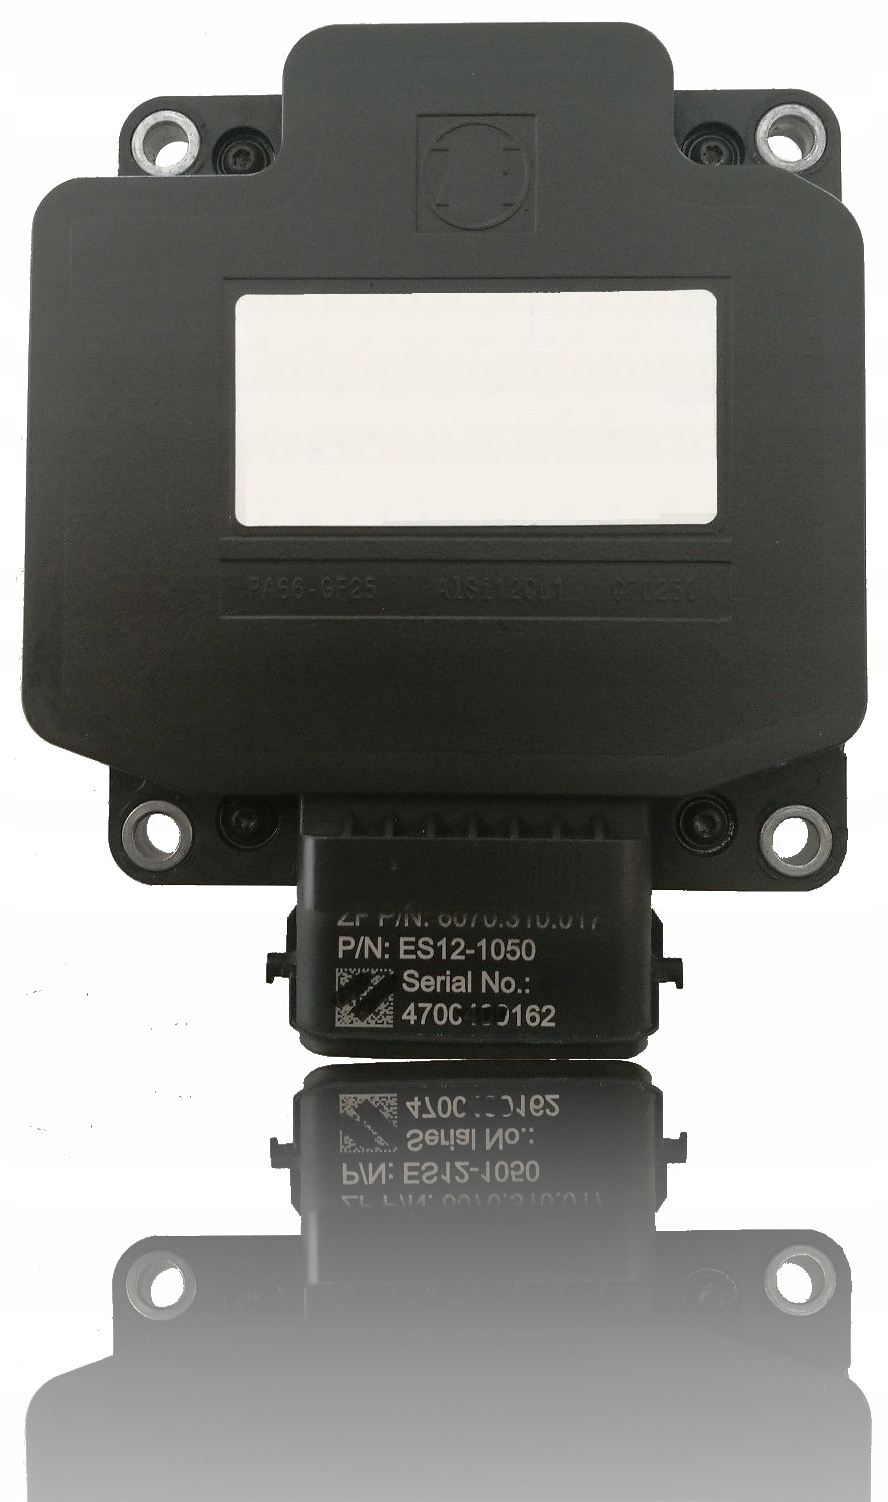 драйвер retardera est 52 man daf xf 105 эмулятор